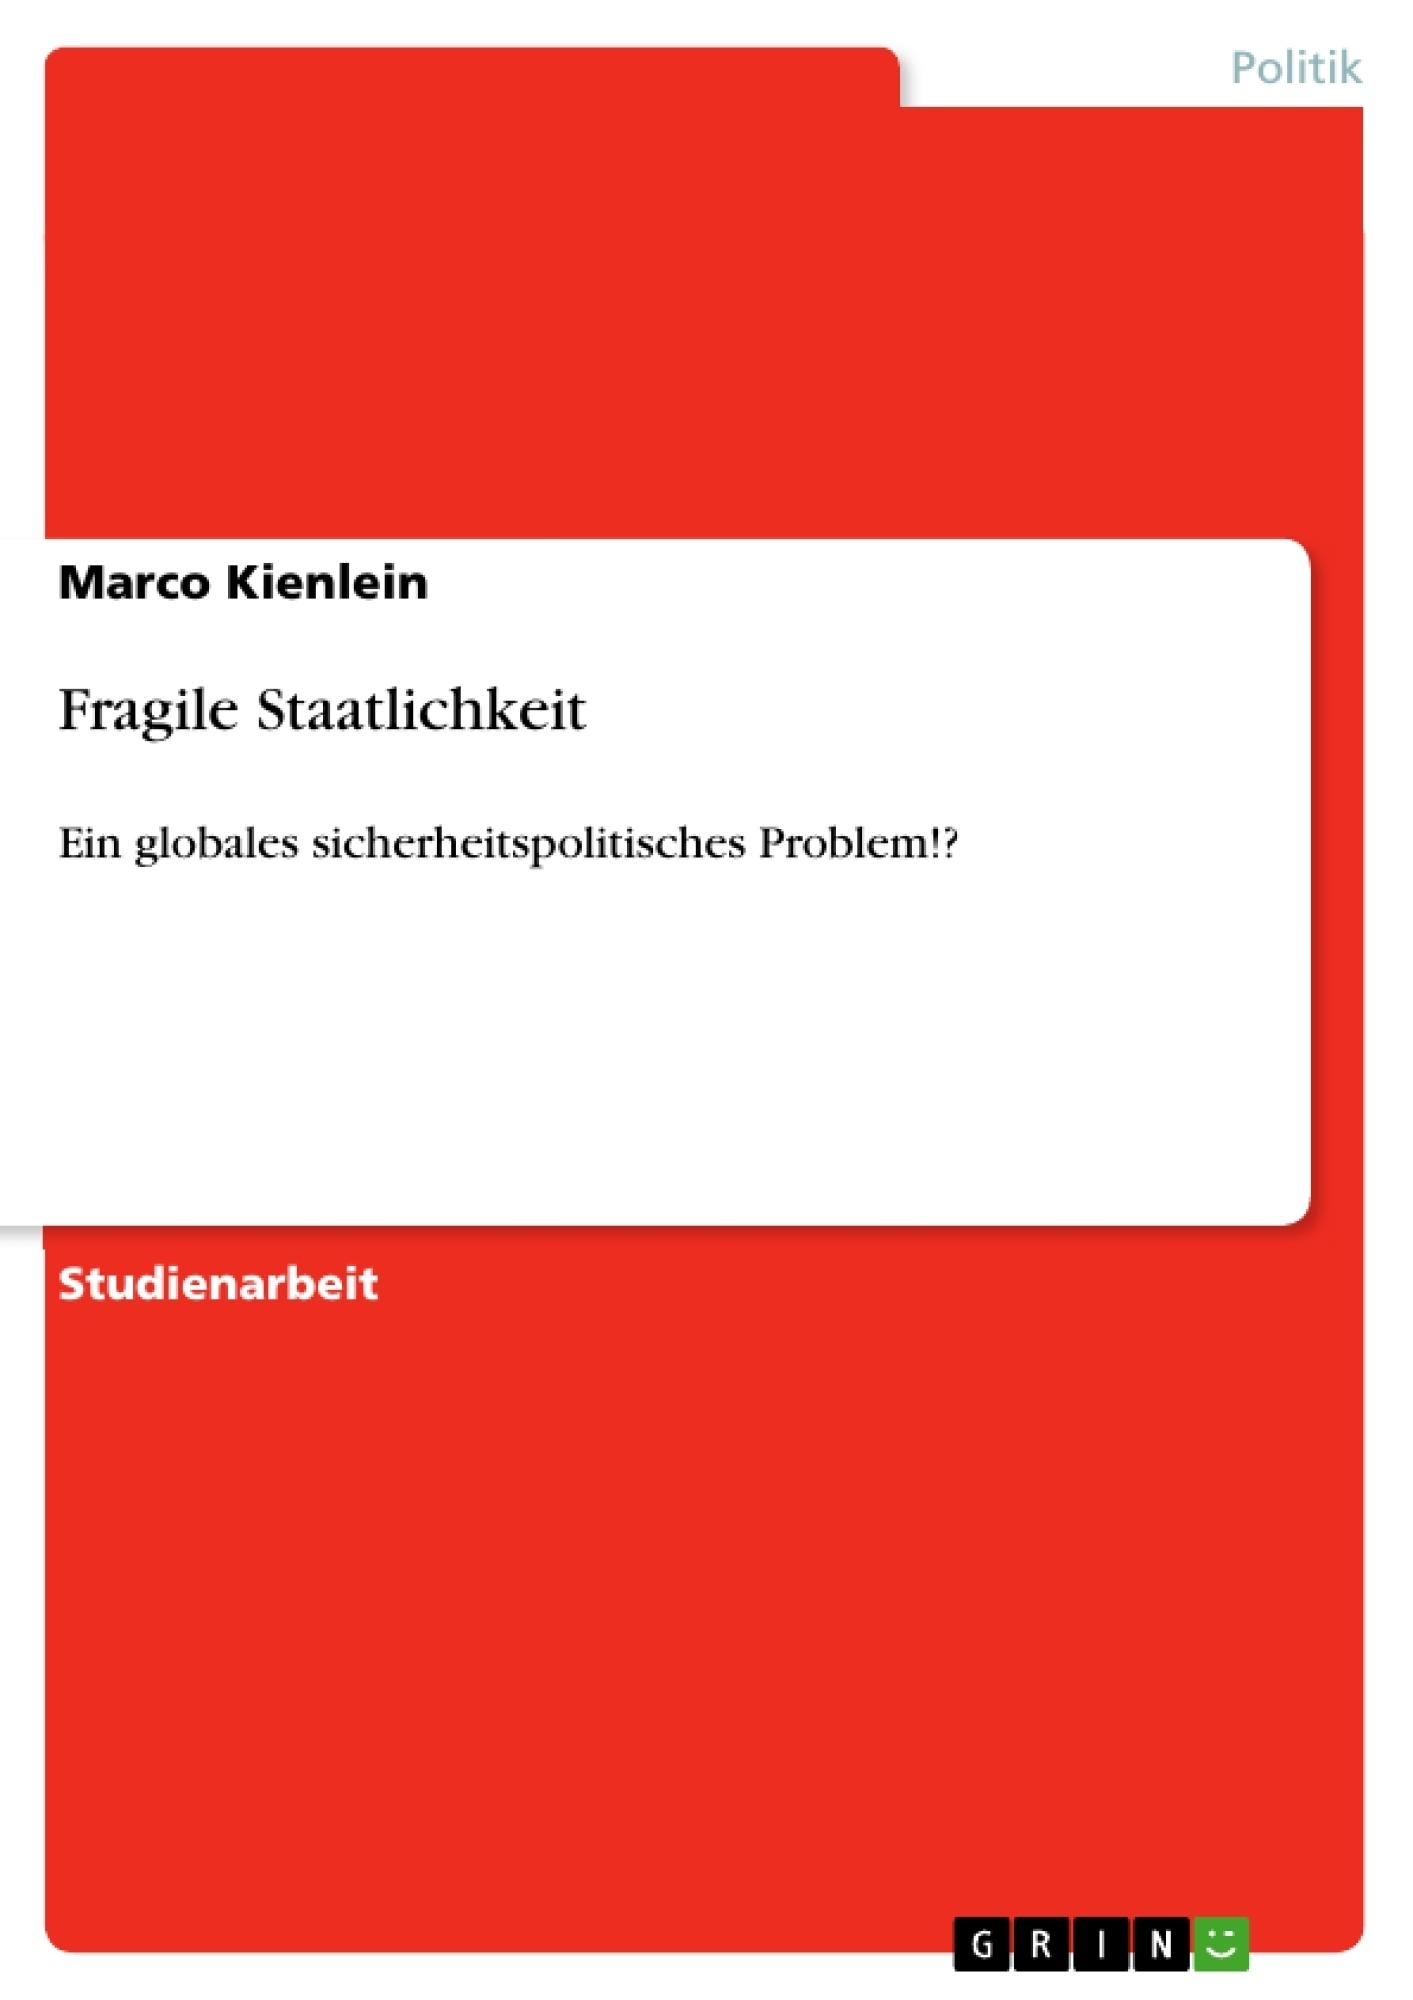 Titel: Fragile Staatlichkeit